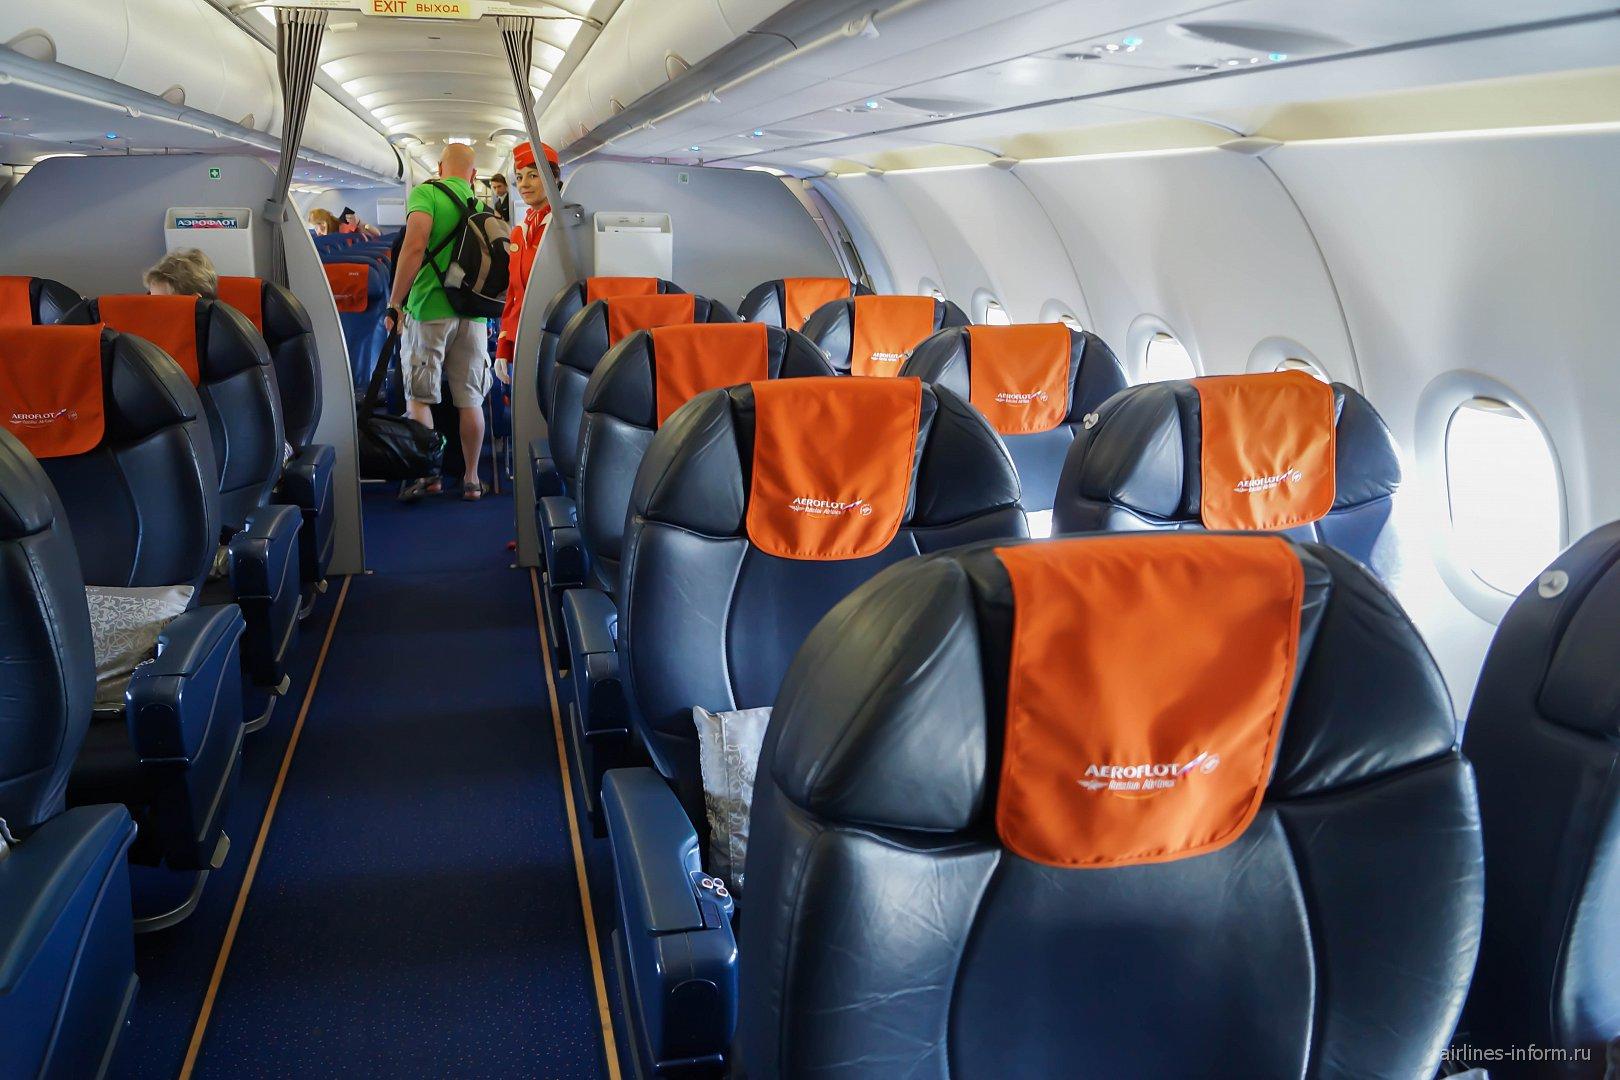 Салон бизнес-класса в самолете Airbus A321 Аэрофлота